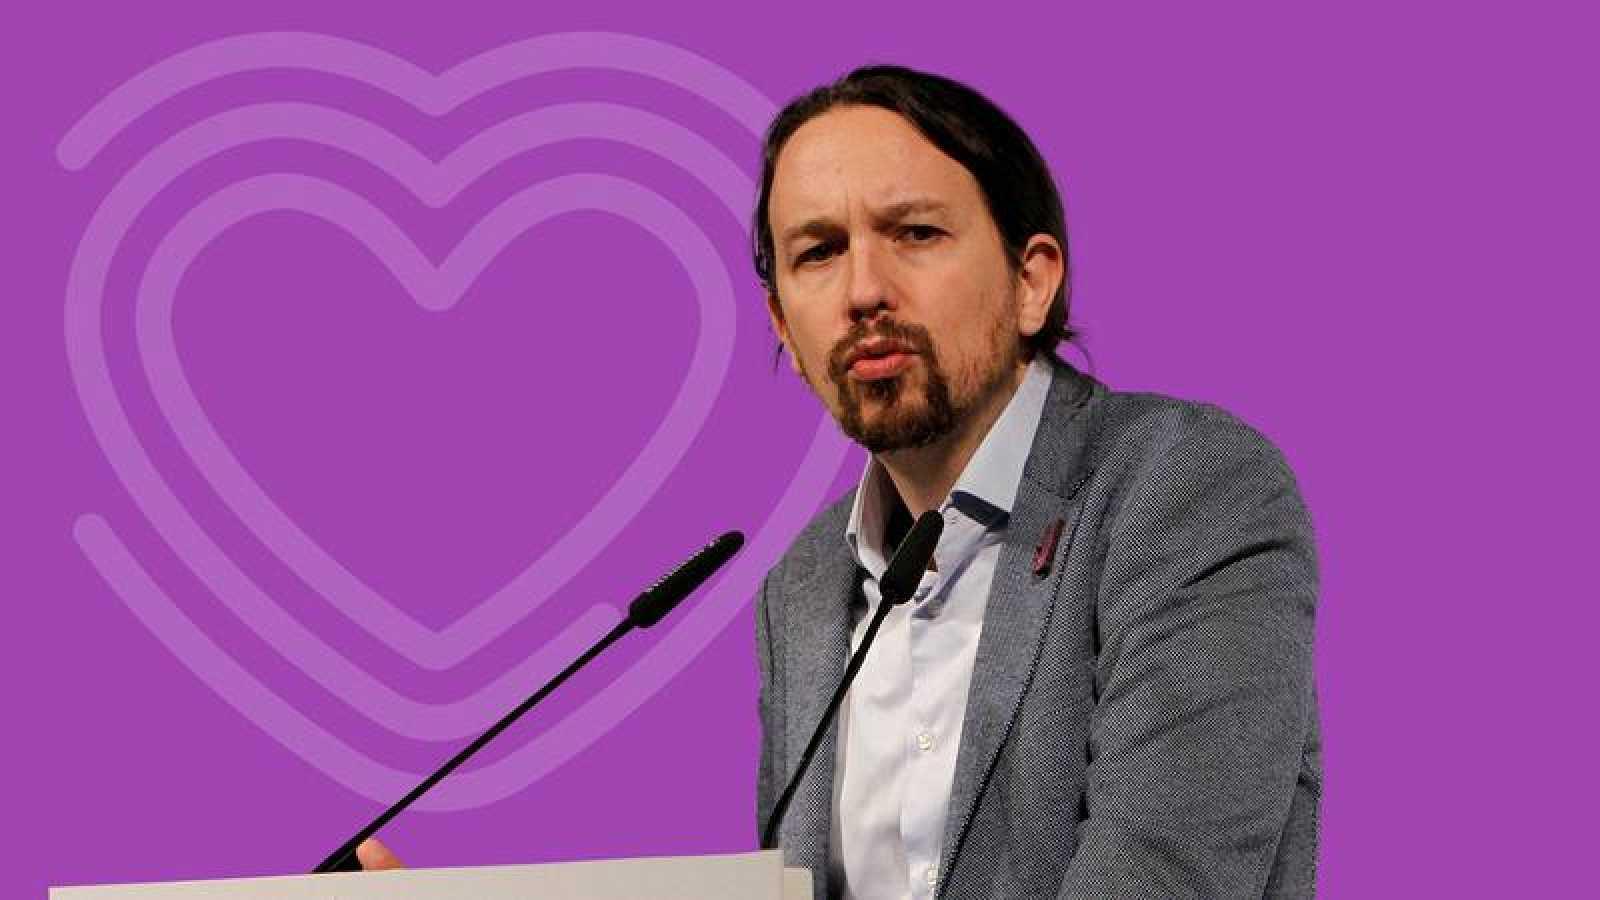 Elecciones generales 2019: Pablo Iglesias, Unidas Podemos